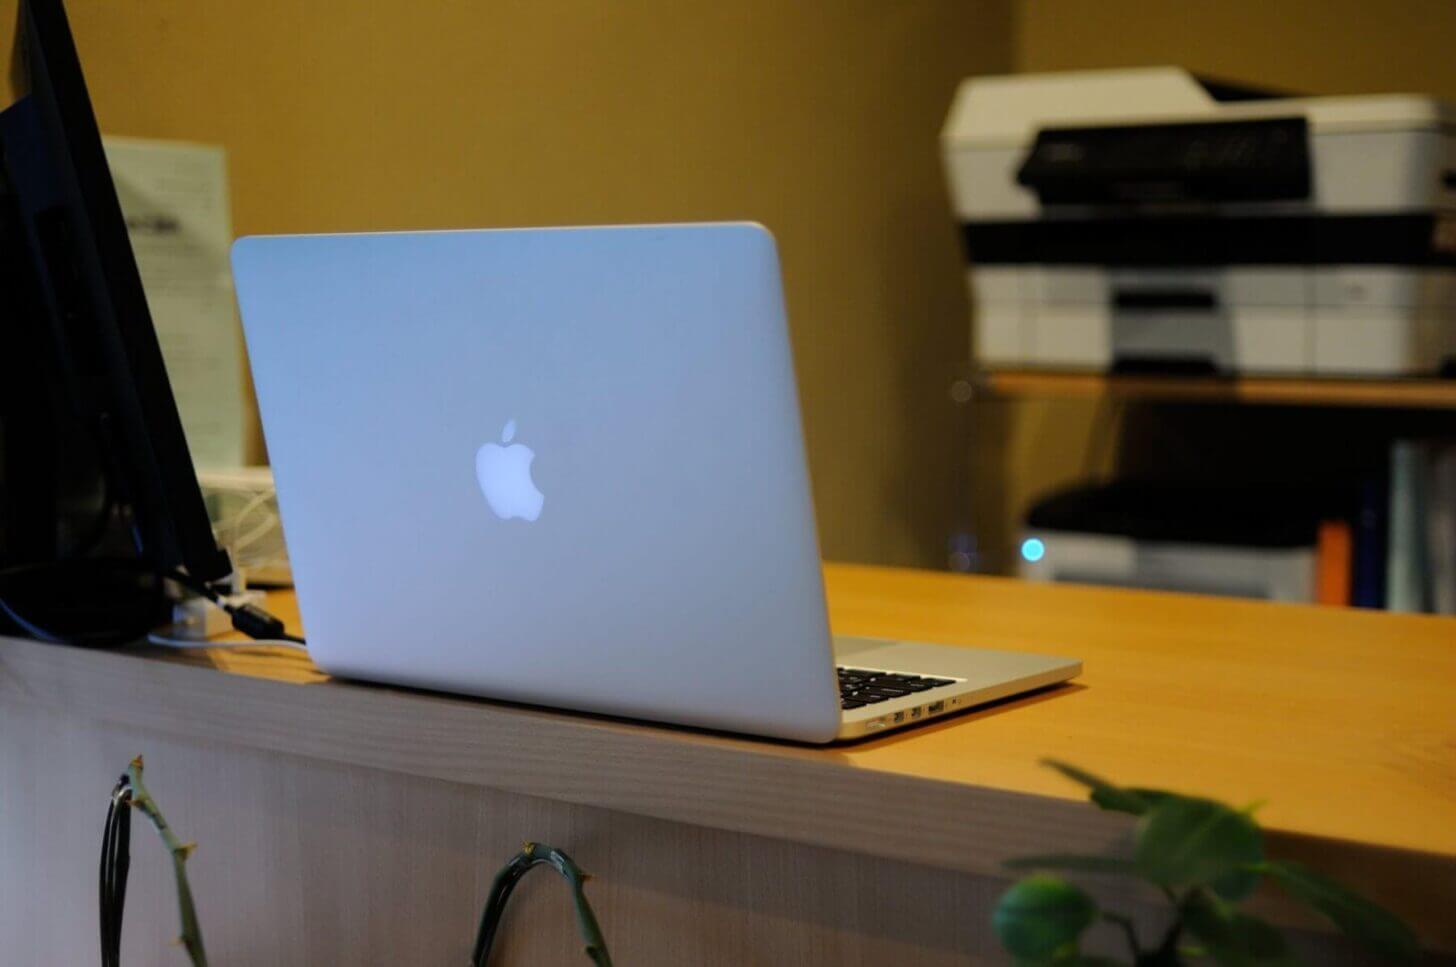 税理士業務で使用してるMac